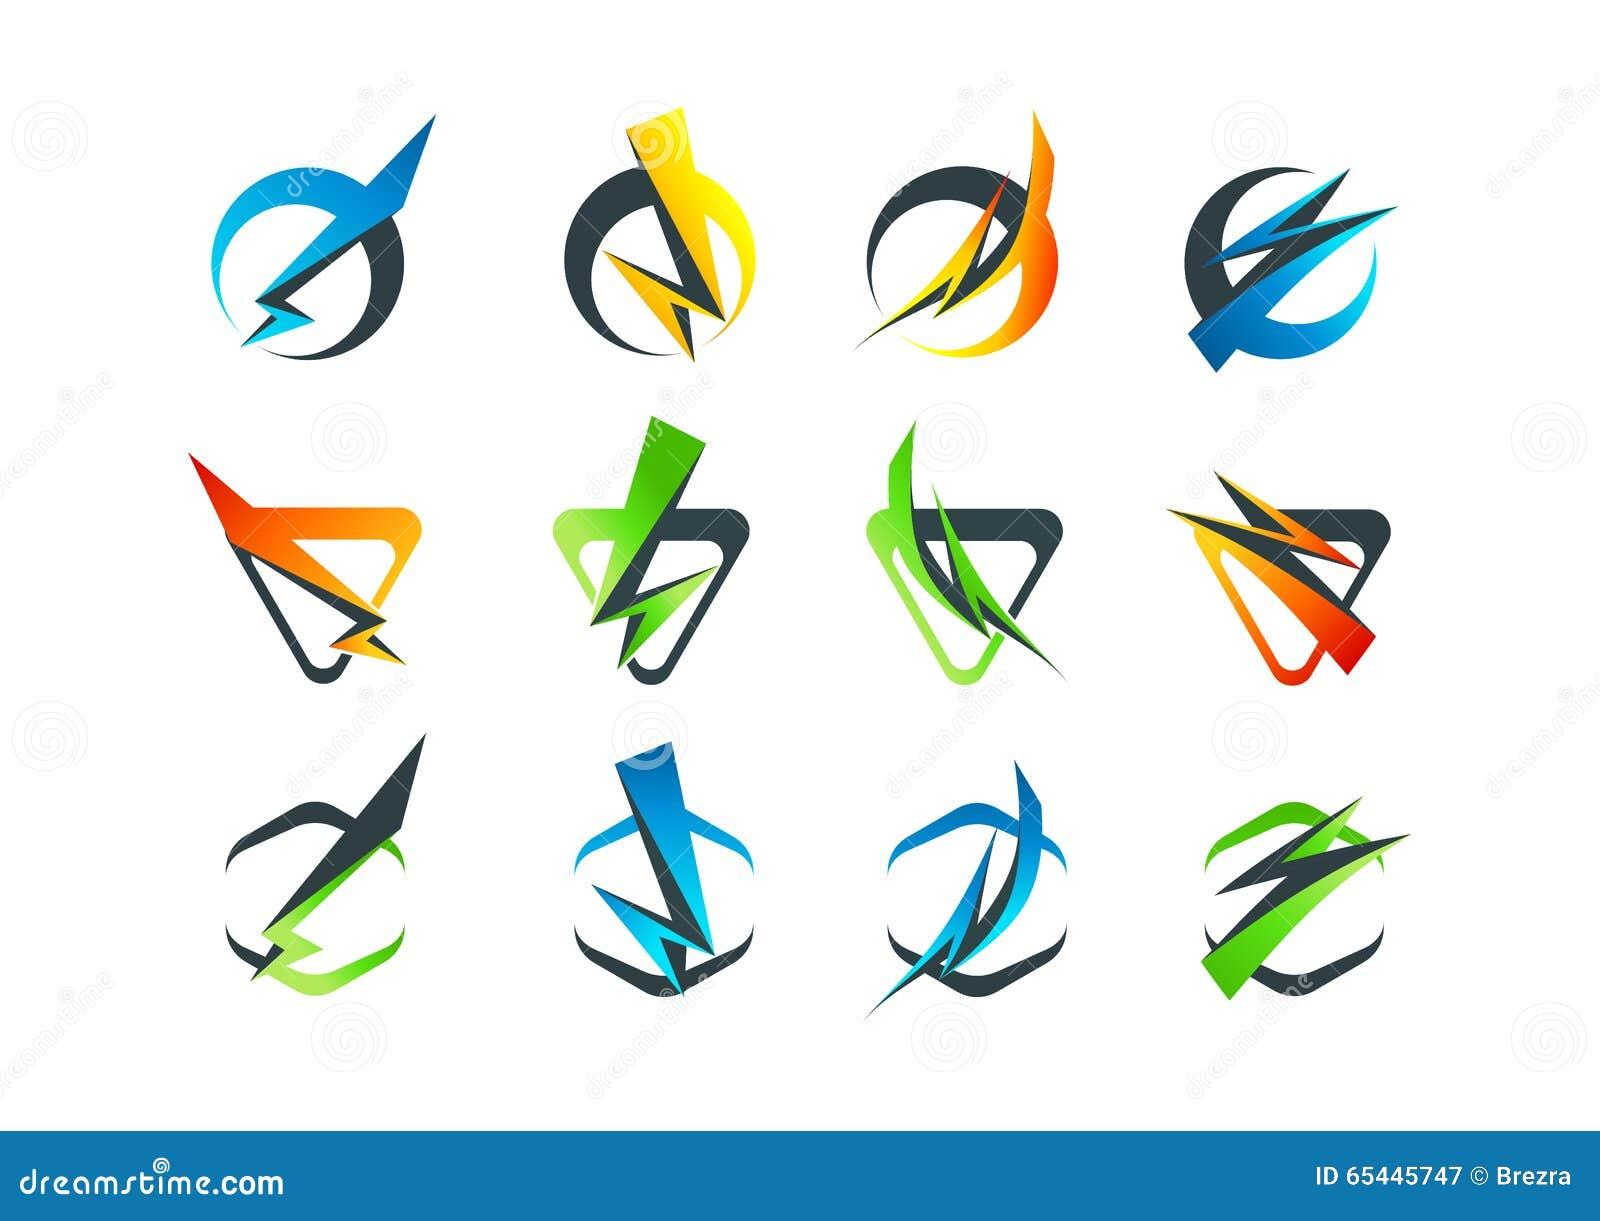 Logotipo da empresa, ícone instantâneo do símbolo e projeto de conceito do raio